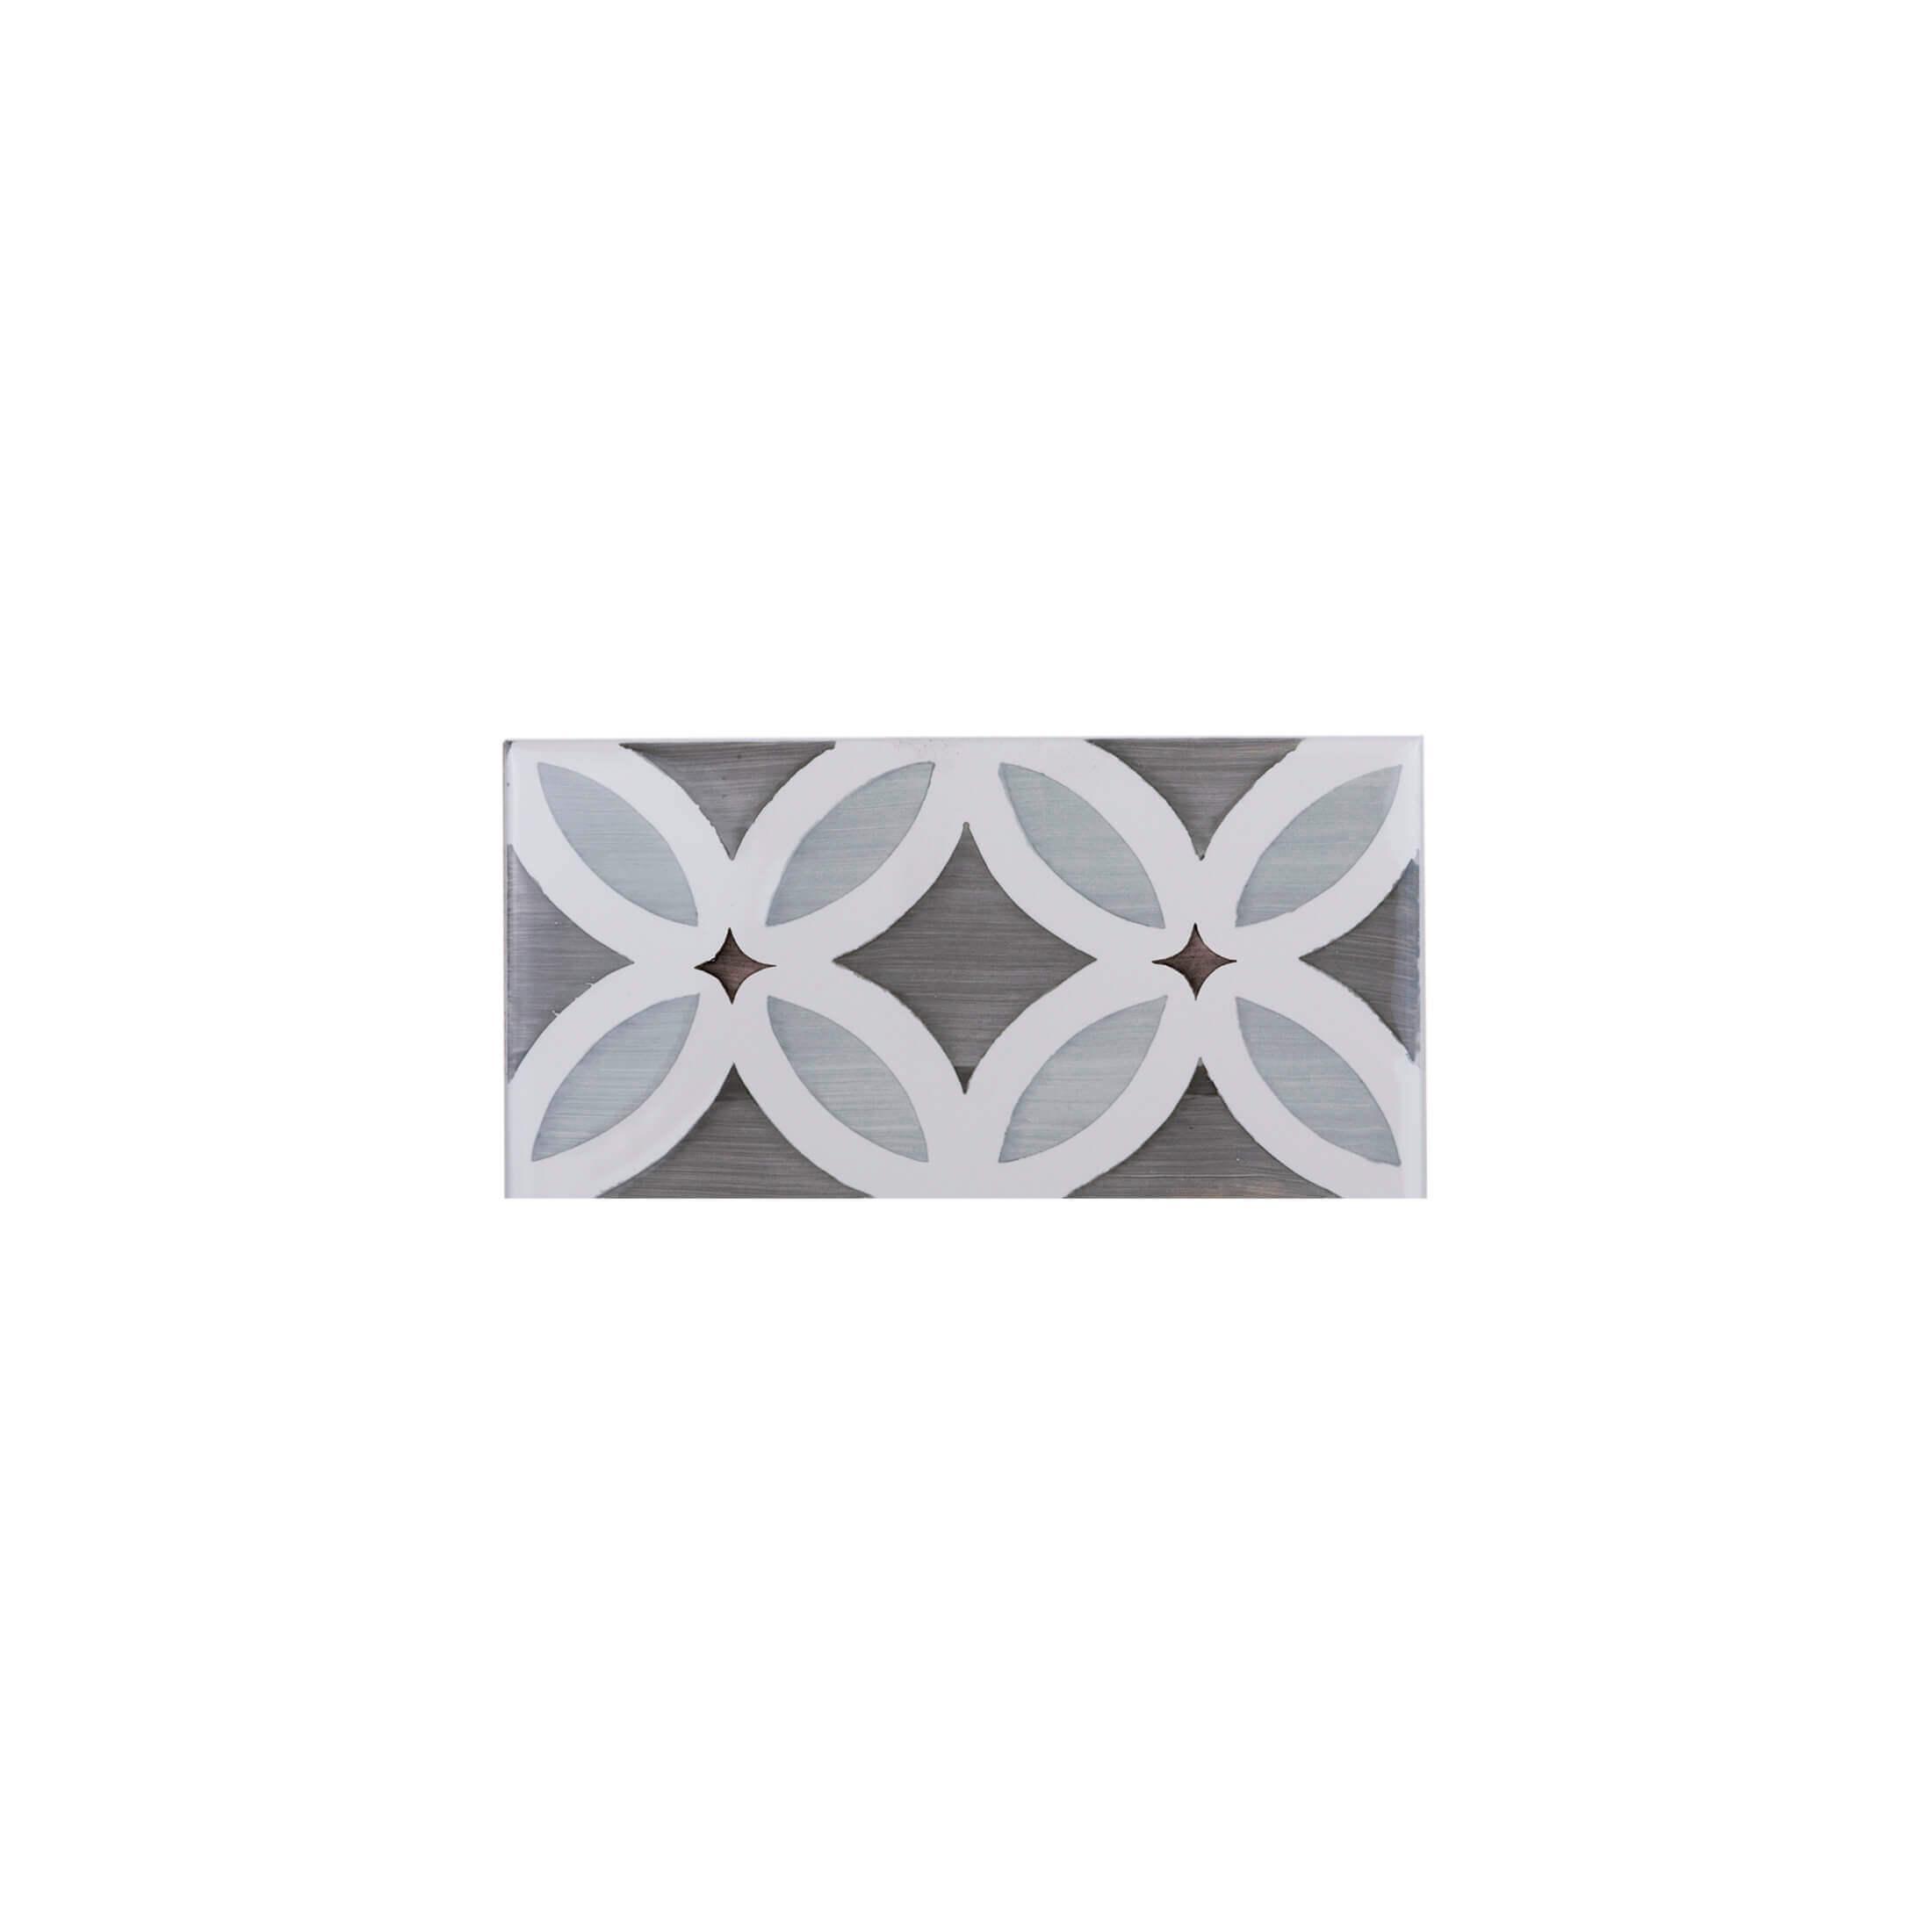 ADST3001 - CENEFA FLORES DUSK - 7.4 cm X 14.8 cm